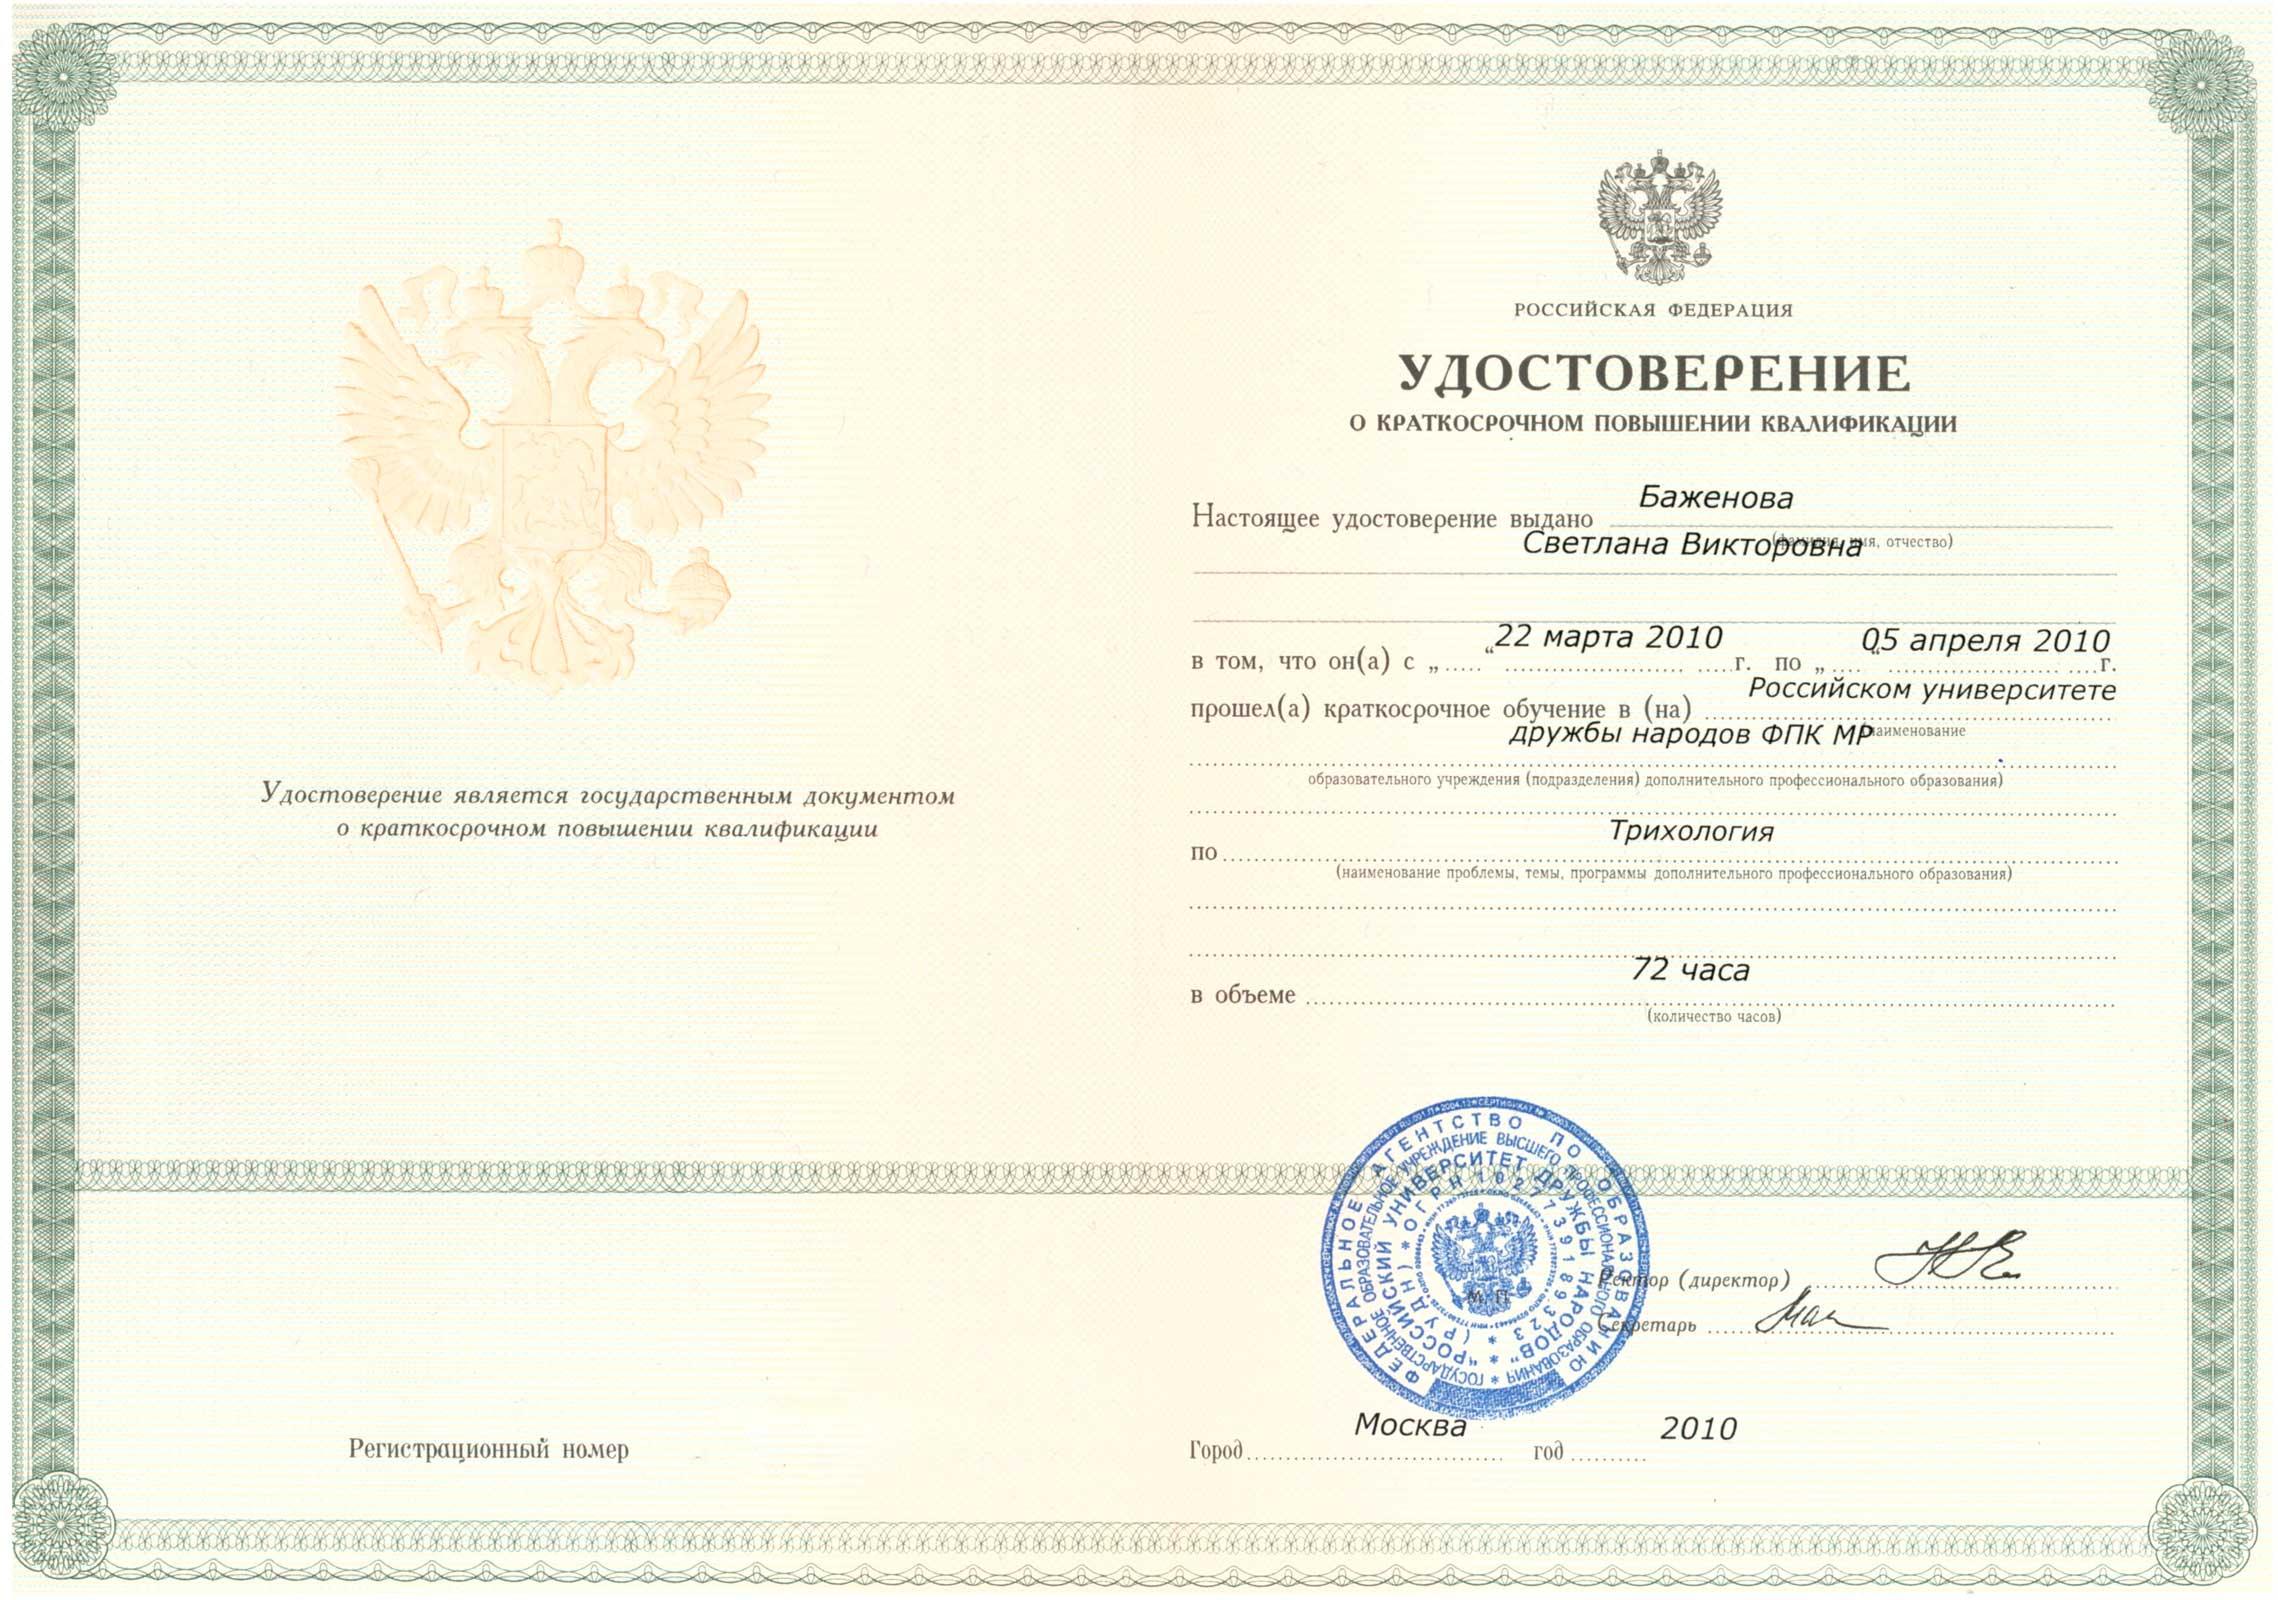 Удостоверение врача-трихолога Баженовой С.В.